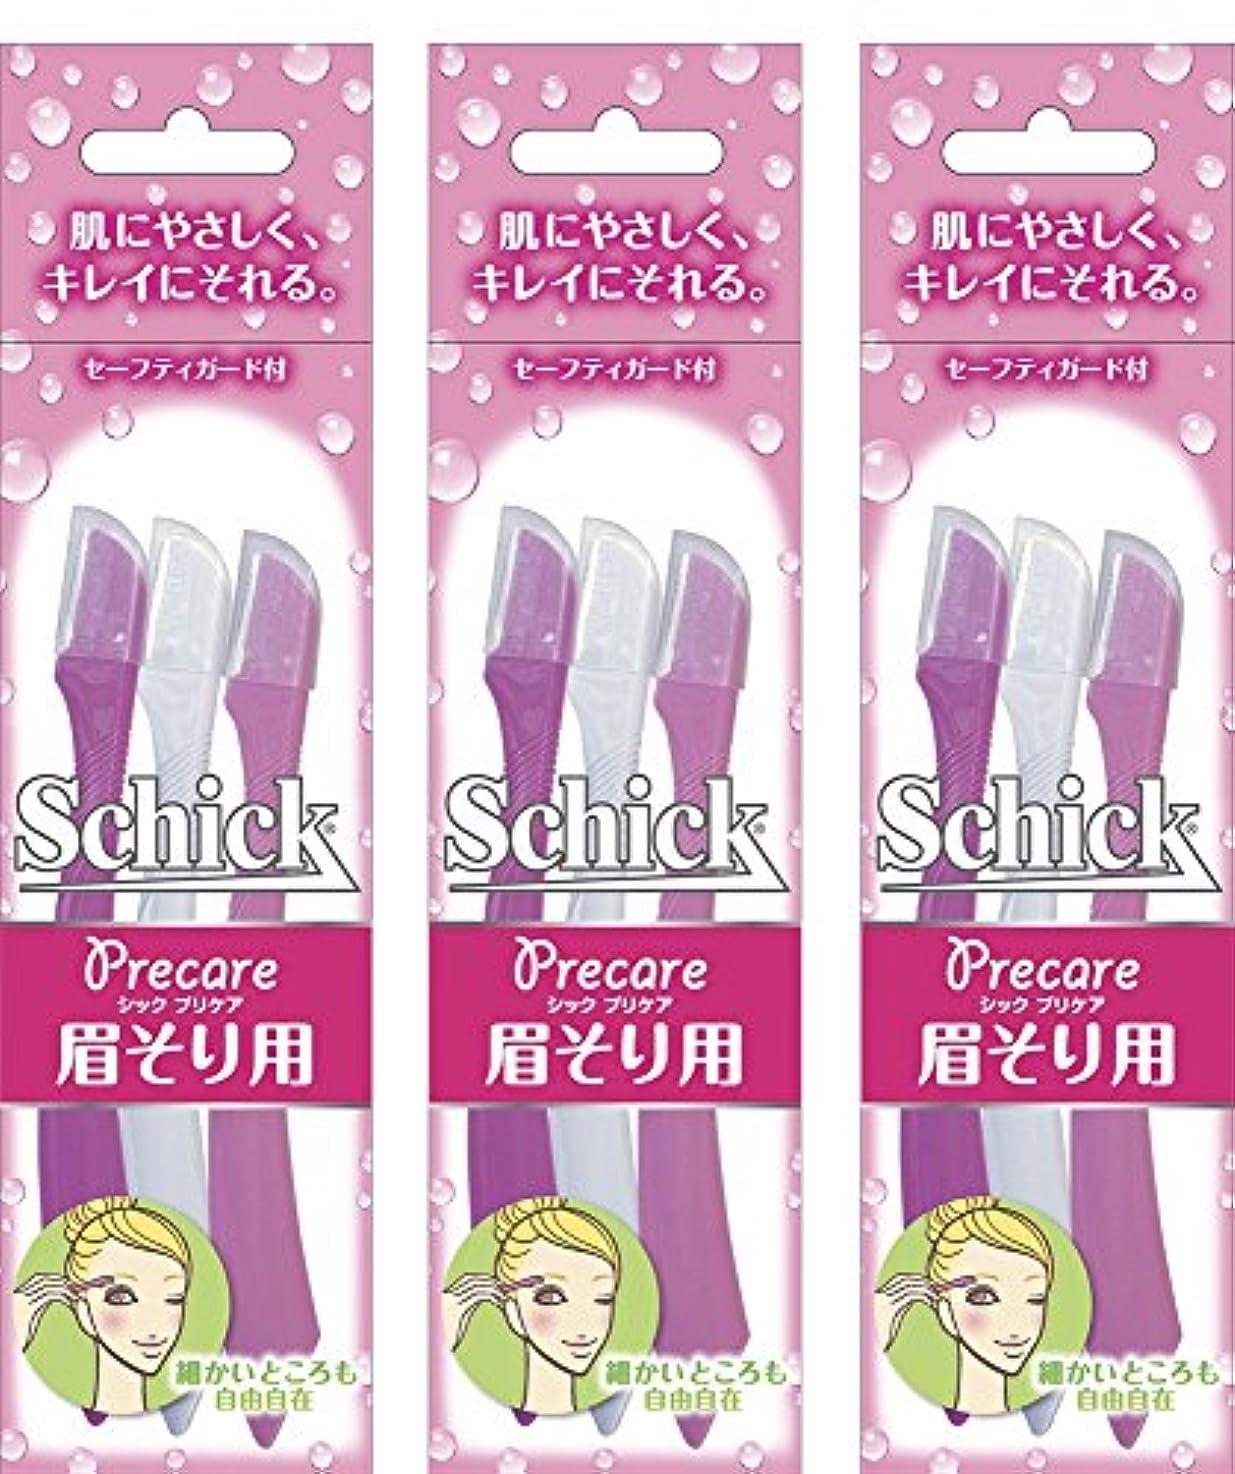 次へ役割したいシック Schick Lディスポ 使い捨て 眉そり用 (3本入)×3個 セーフィガード付 女性 カミソリ フェイス